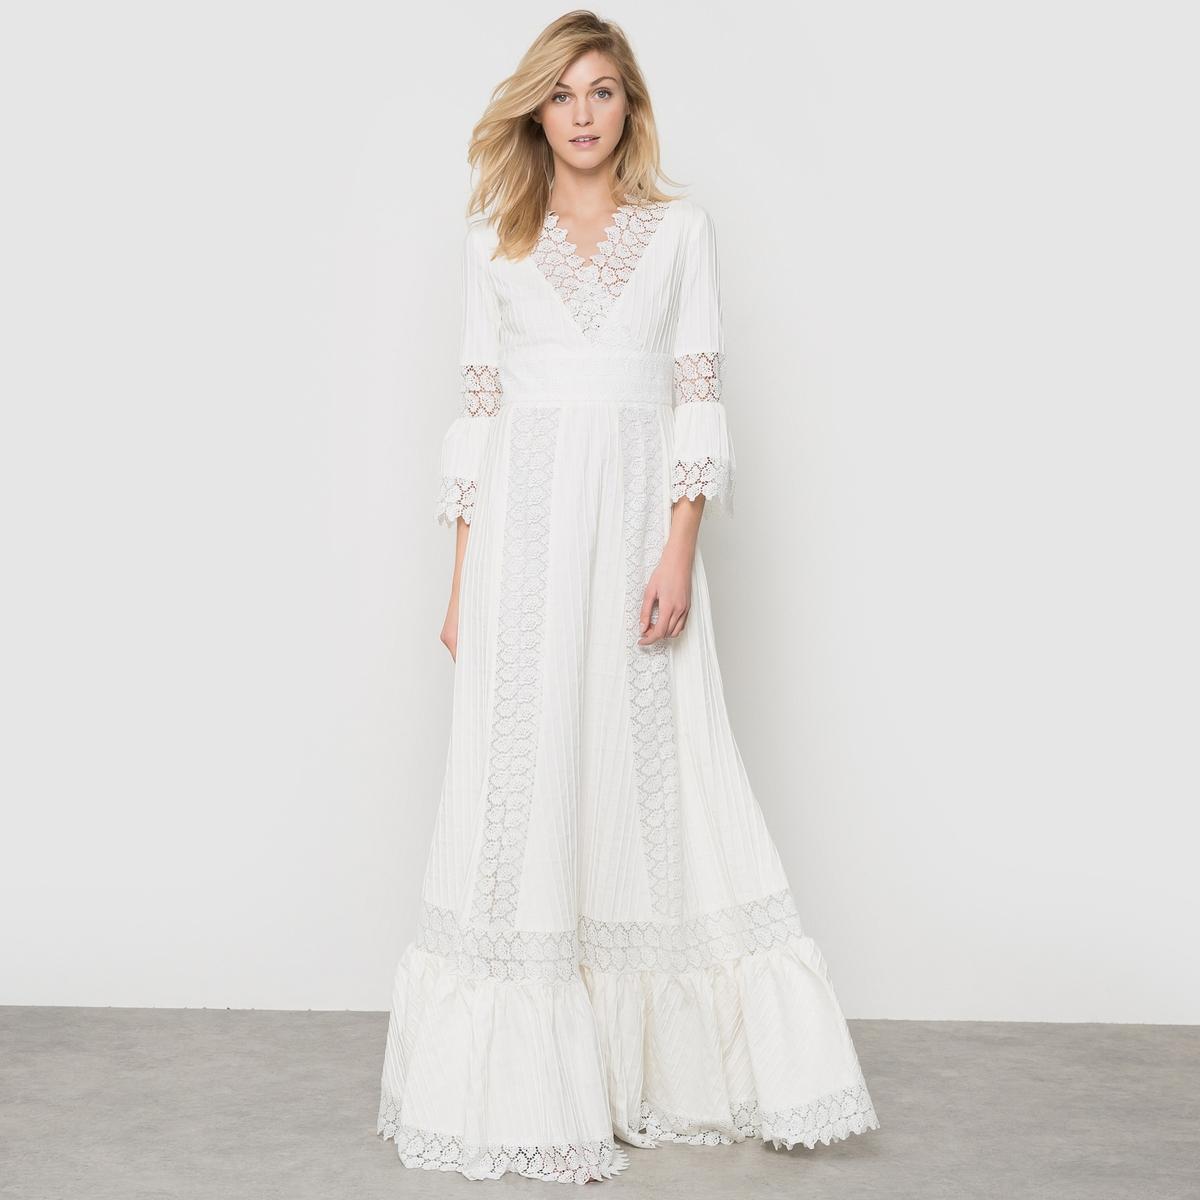 Платье невестыПлатье невесты DELPHINE MANIVET. Эксклюзивное платье, созданное специально для la Redoute. Длинное платье с воланами, с красивой завышенной талией, струящееся и с V-образным декольте-кашкер  . Очаровательный рельефный хлопковый материал, украшенный гипюром и цветочным кружевом.    Рукава с воланами на локтях. Пояс с высокой талией. Широкий волан внизу. Застежка на скрытую молнию сзади.   Длина 160 см. Подкладка из хлопковой вуали . Состав и описаниеМарка : DELPHINE MANIVETМатериалы : Платье 73% хлопка, 25% полиэстера, 2% эластана - Кружево 100% полиэстера - Подкладка 100% хлопка УходРекомендуется сухая (химическая) чистка<br><br>Цвет: экрю<br>Размер: 34 (FR) - 40 (RUS)